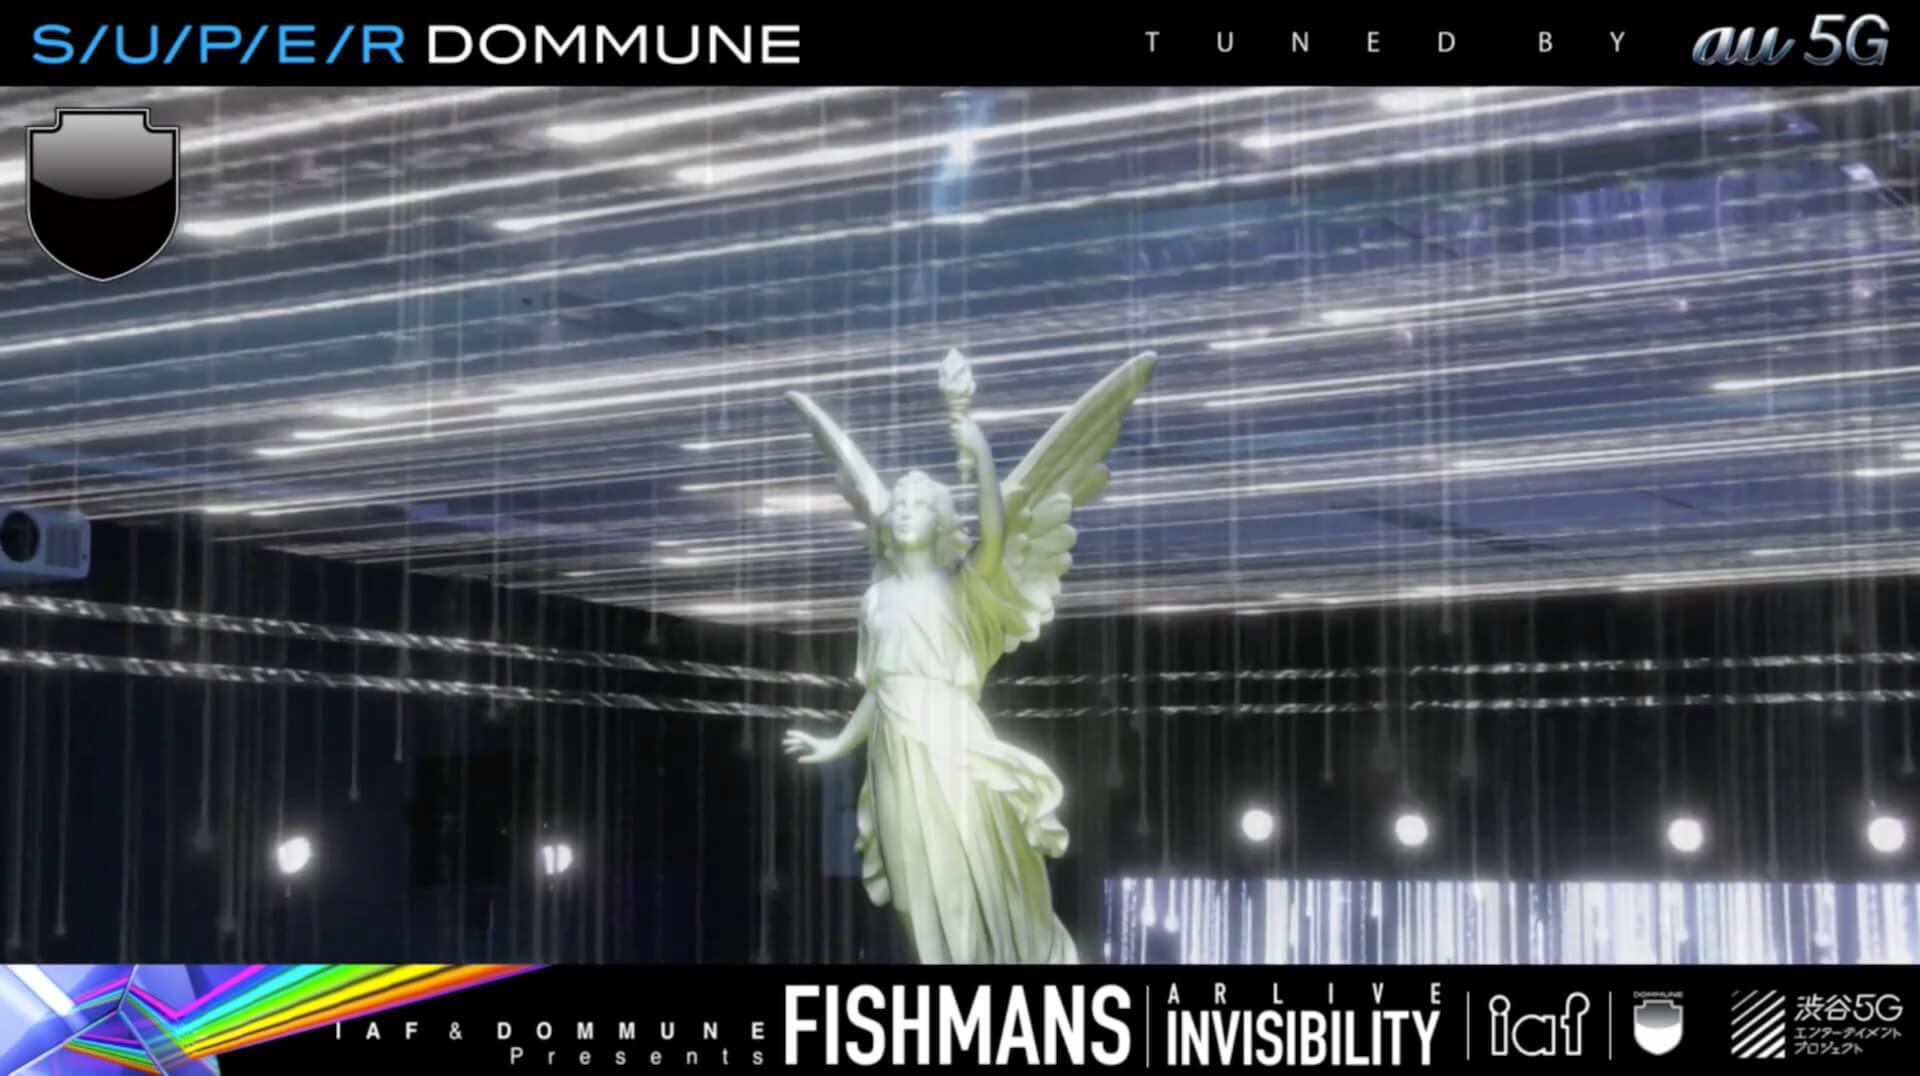 リアルとバーチャルのシナジーが生まれたFISHMANS AR LIVE<INVISIBILITY> music200622_fishmans_superdommune_3